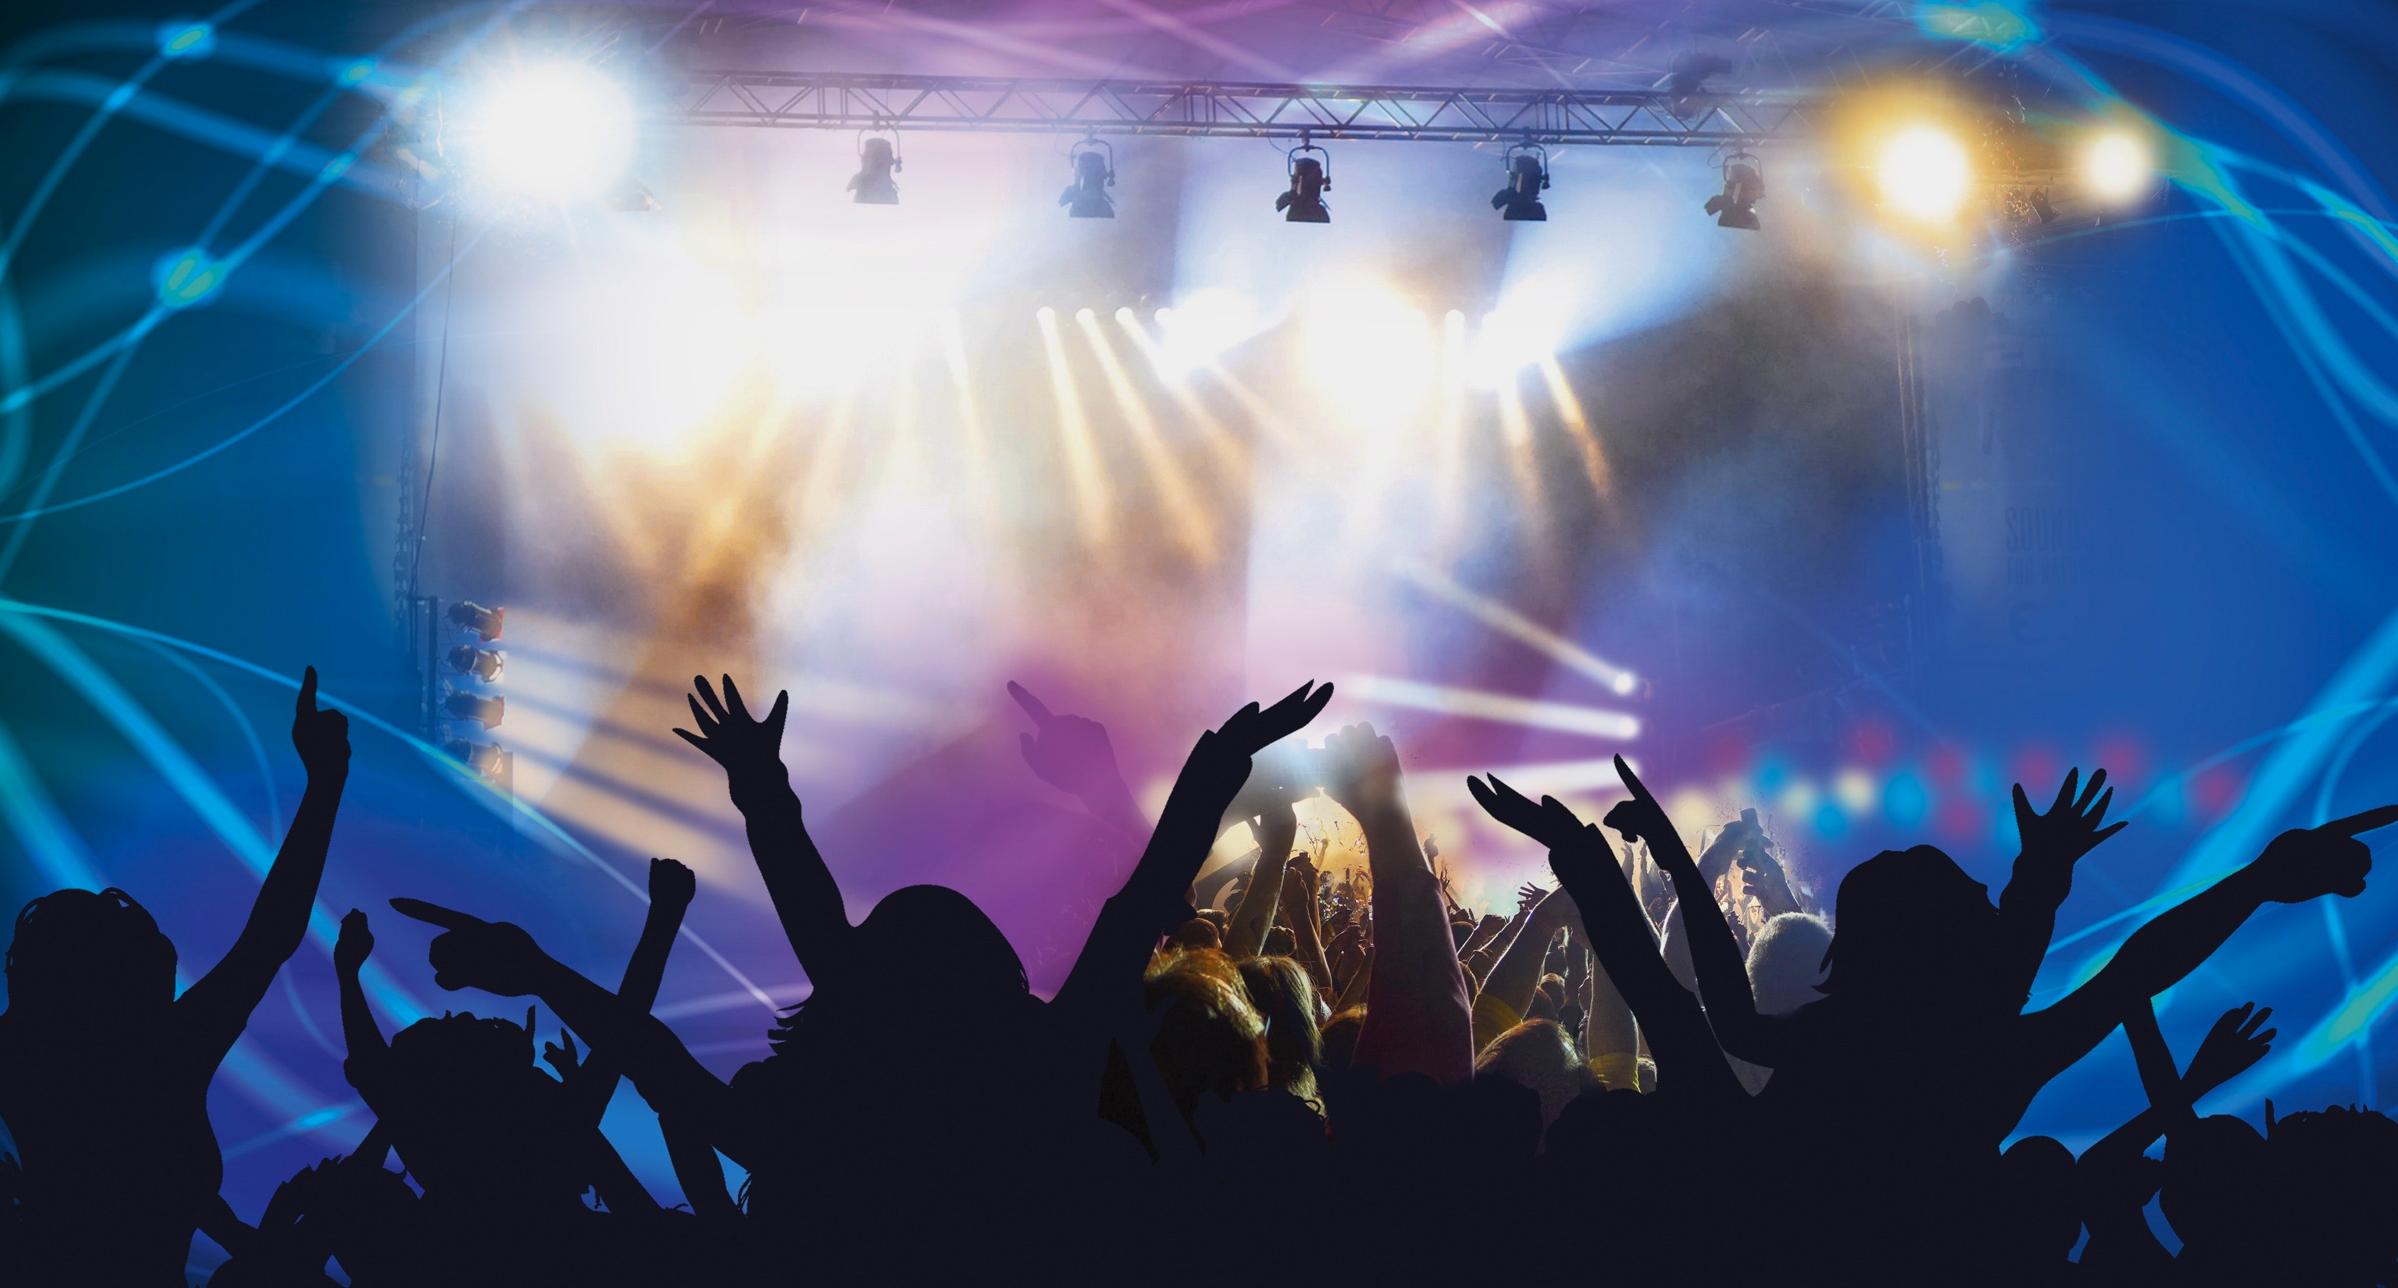 musicfestivals.jpg